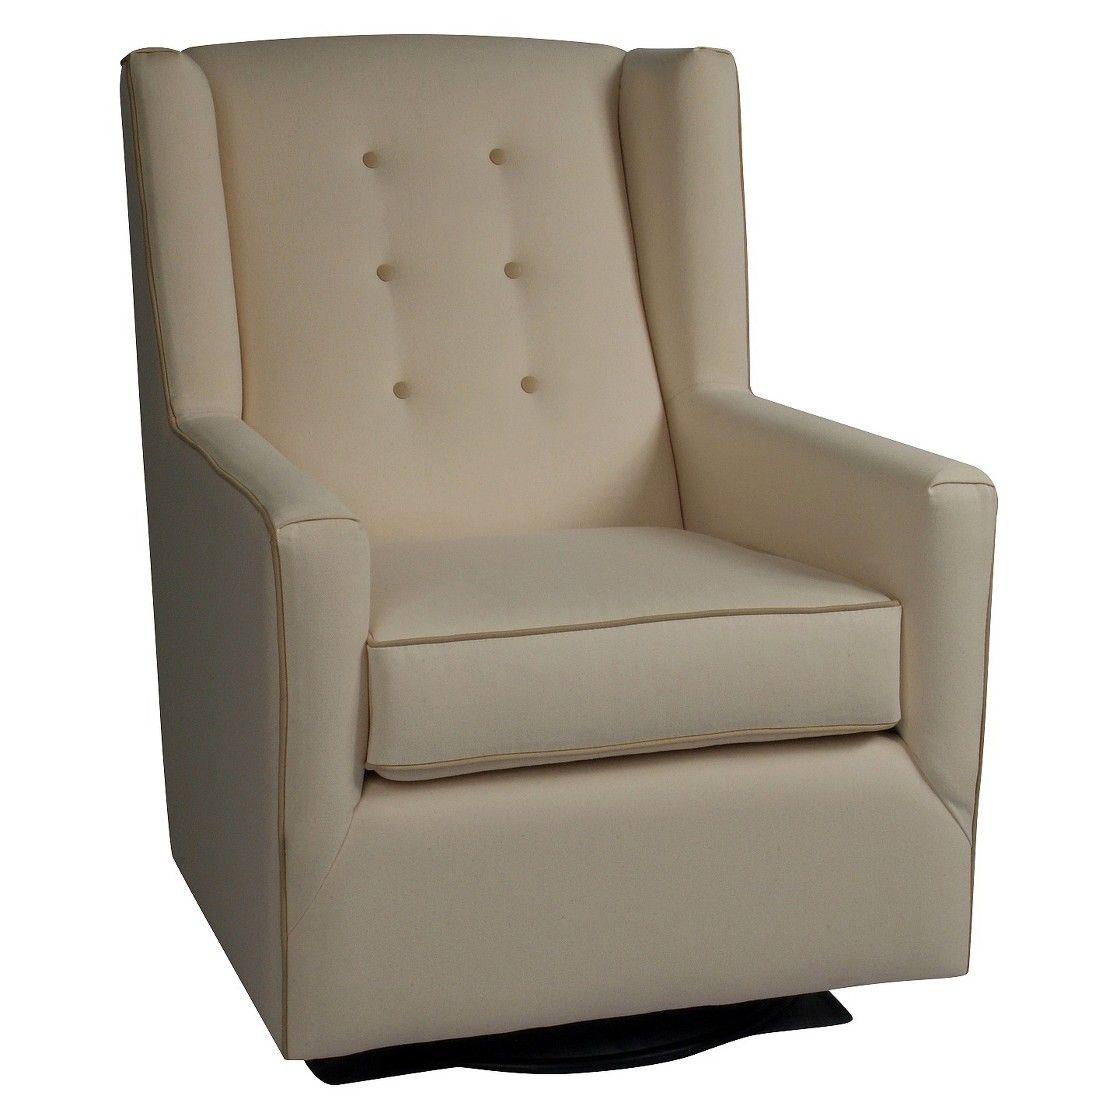 Upholstered rocking chairs little castle custom upholstered crown charleston swivel glider